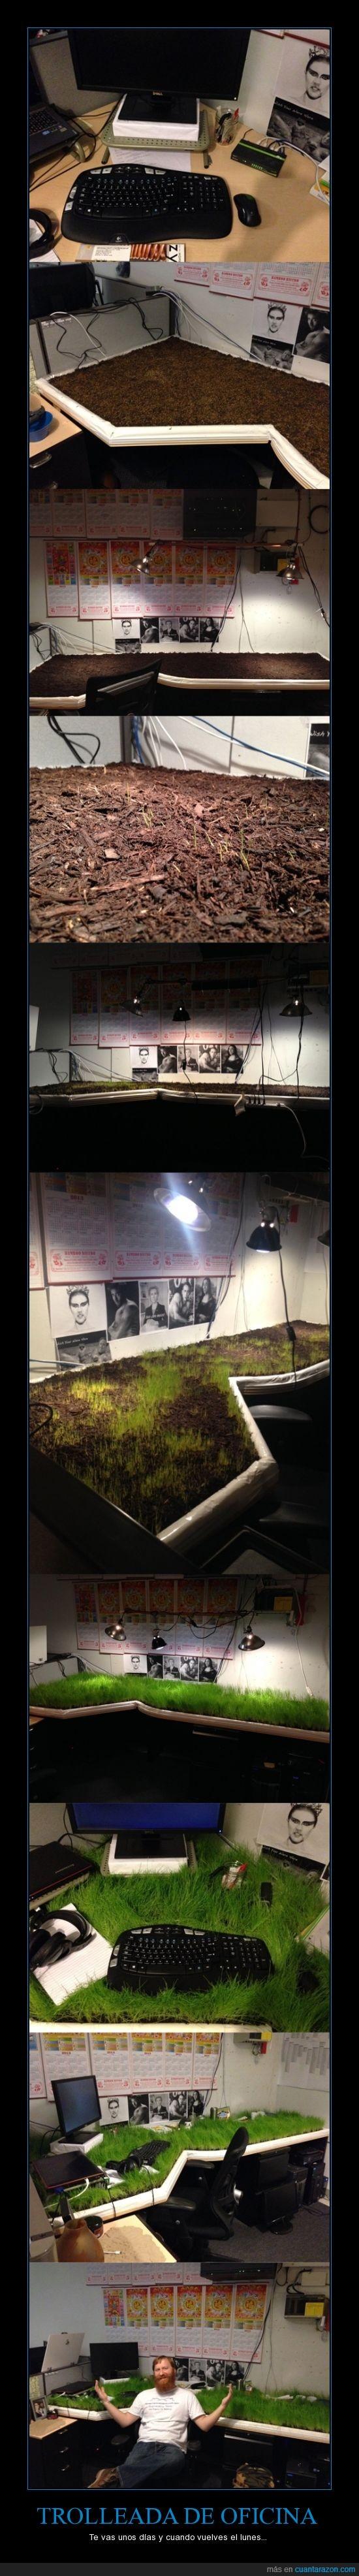 cesped,compañero,crecer,escritorio,hierba,oficina,semilla,tierra,troll,trolleada